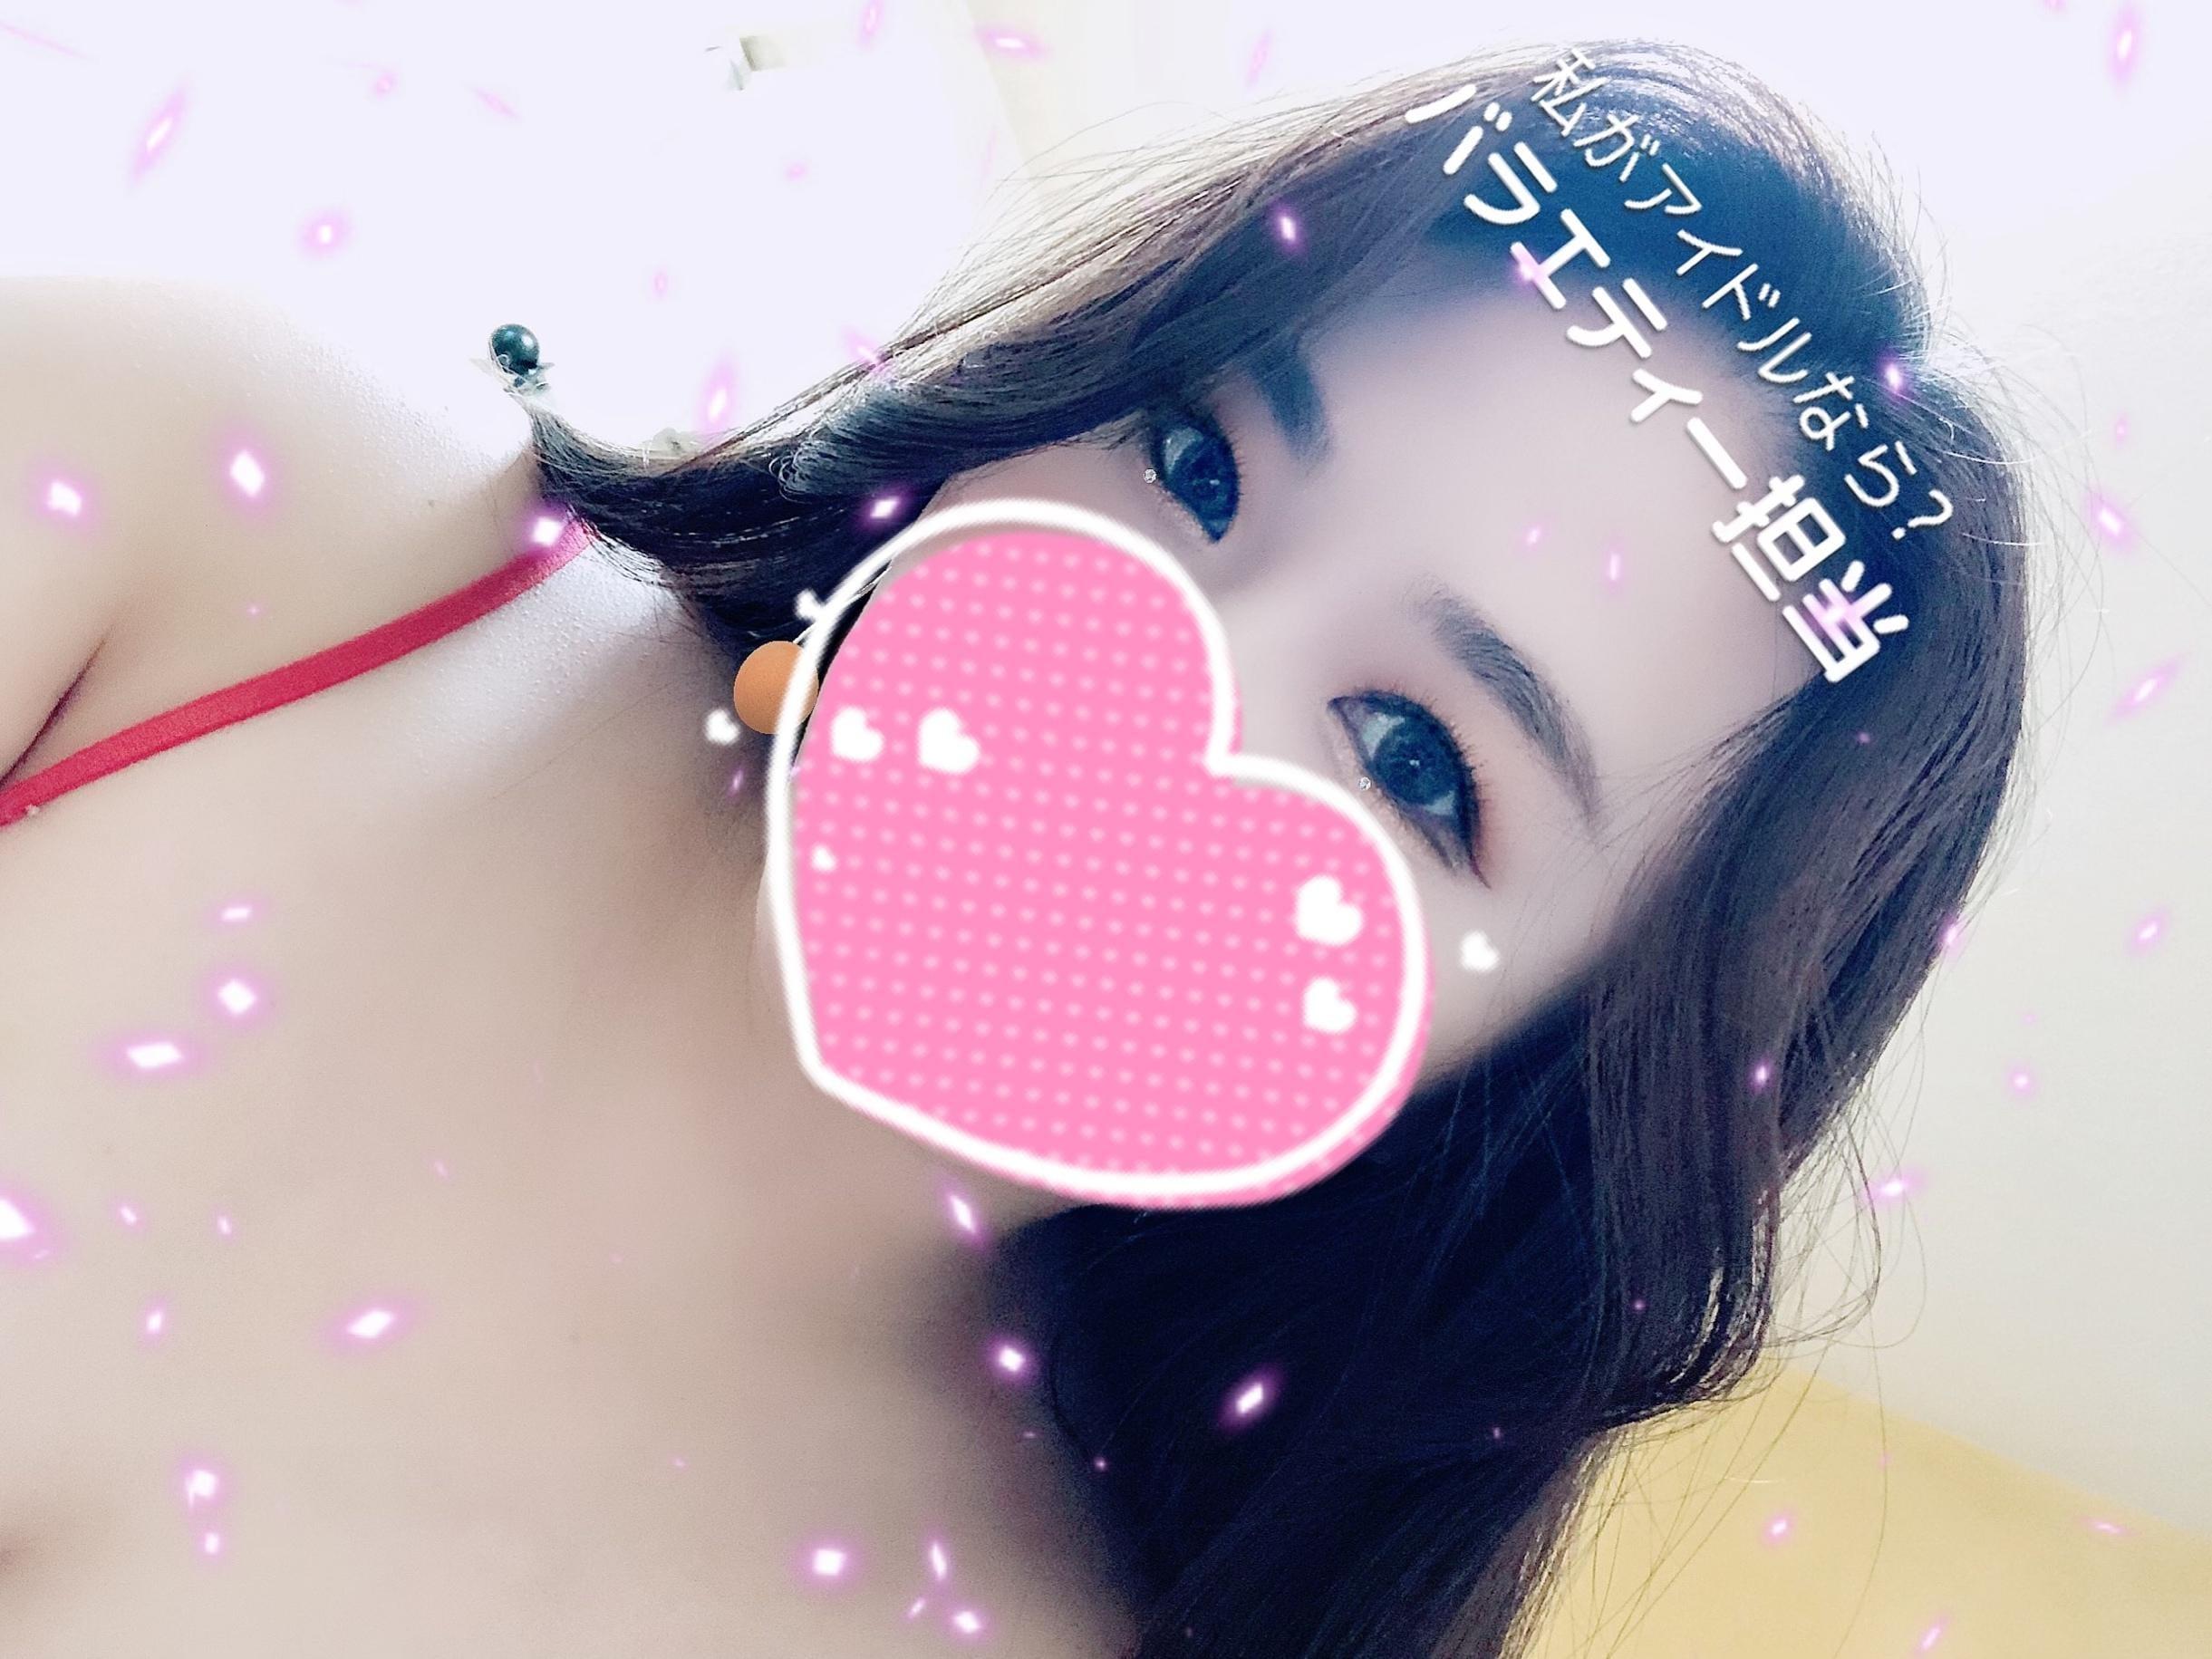 「わくわく」06/15(火) 12:07 | すみか@エロ美かわ爆愛乳お嬢様の写メ